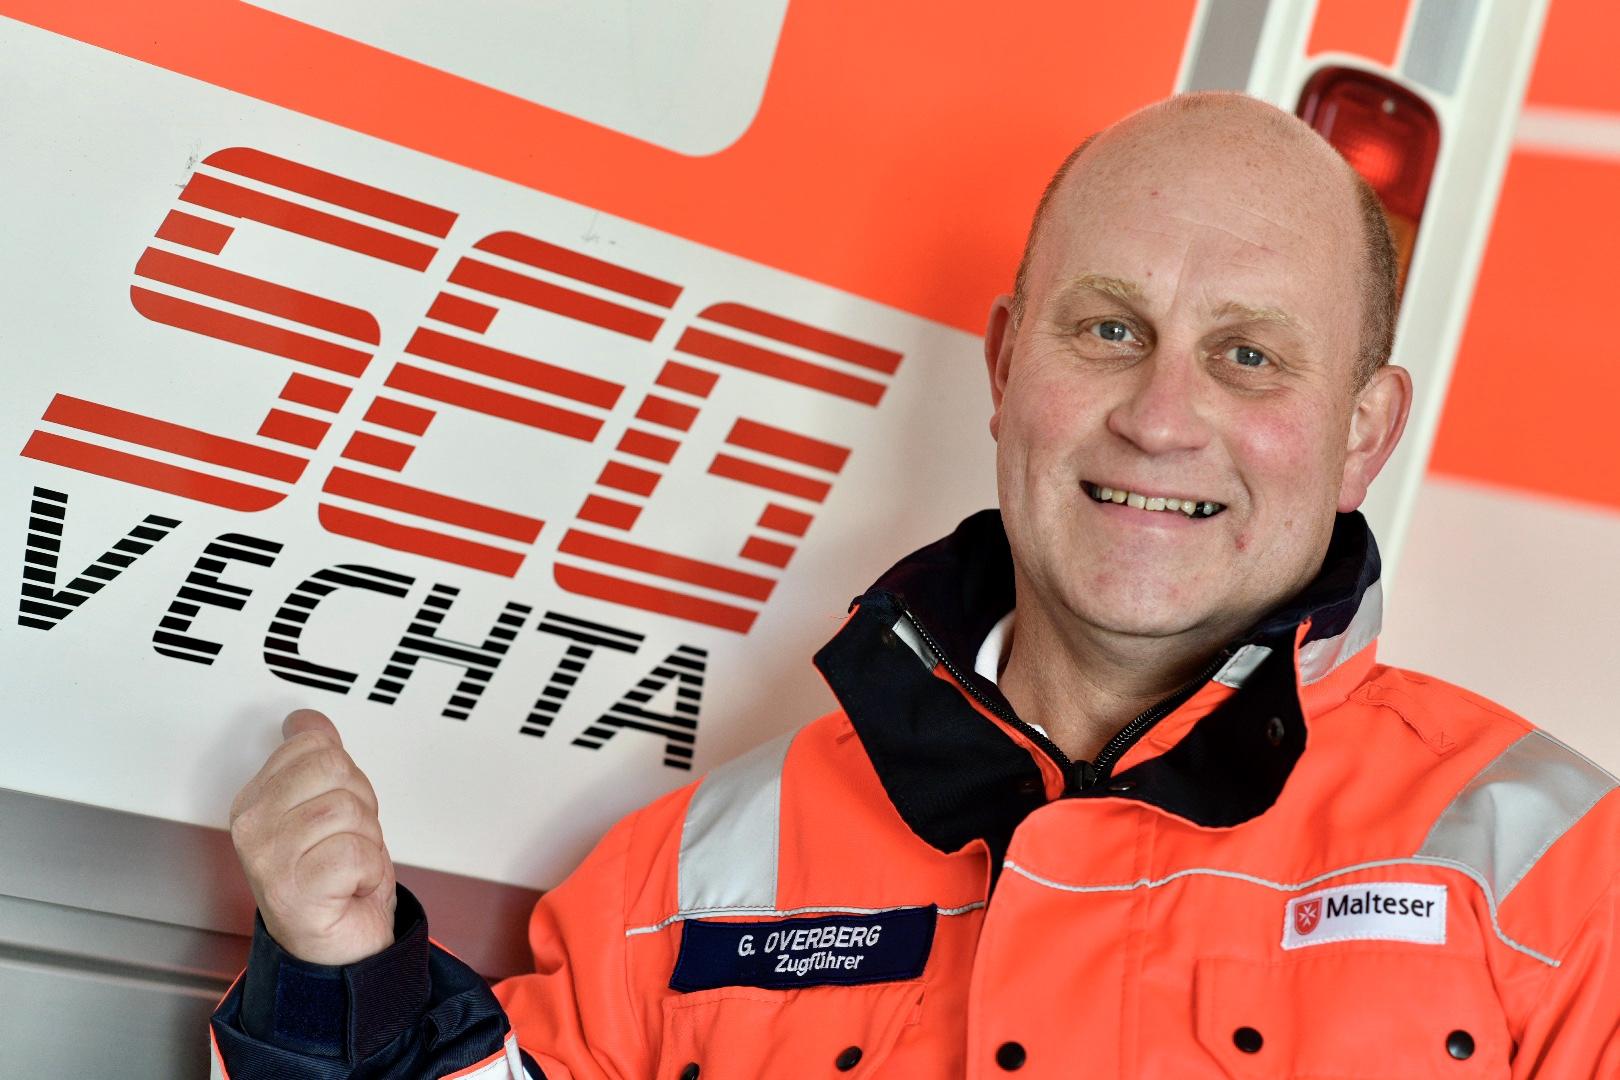 Die SEG kommt, wenn bei größeren Einsatzlagen Unterstützung gefragt ist: Georg Overberg vor einem RTW. Foto: M. Niehues